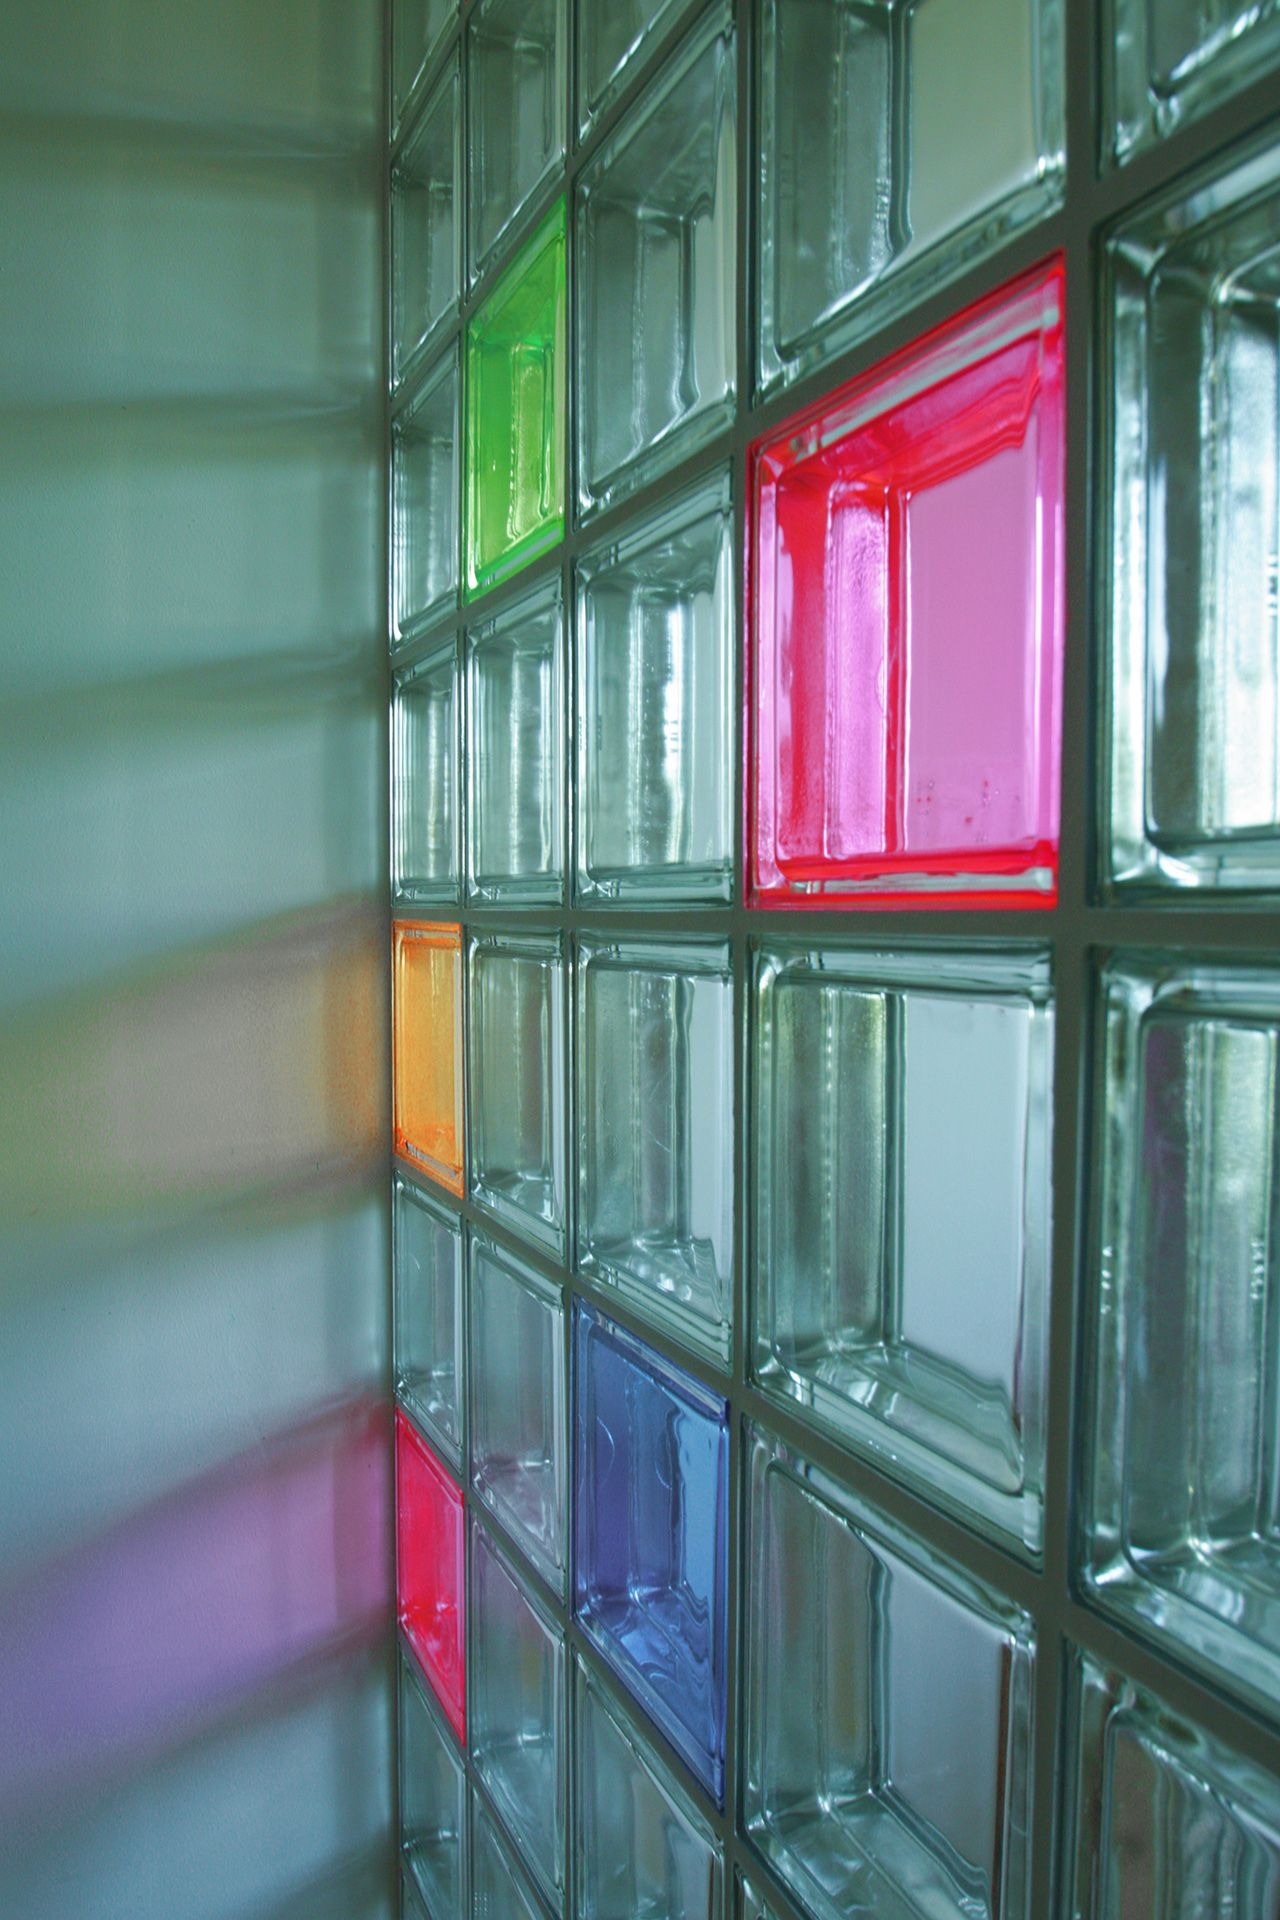 Fenster Aus Glasbausteinen trennwand für ein kinderzimmer detail room divider